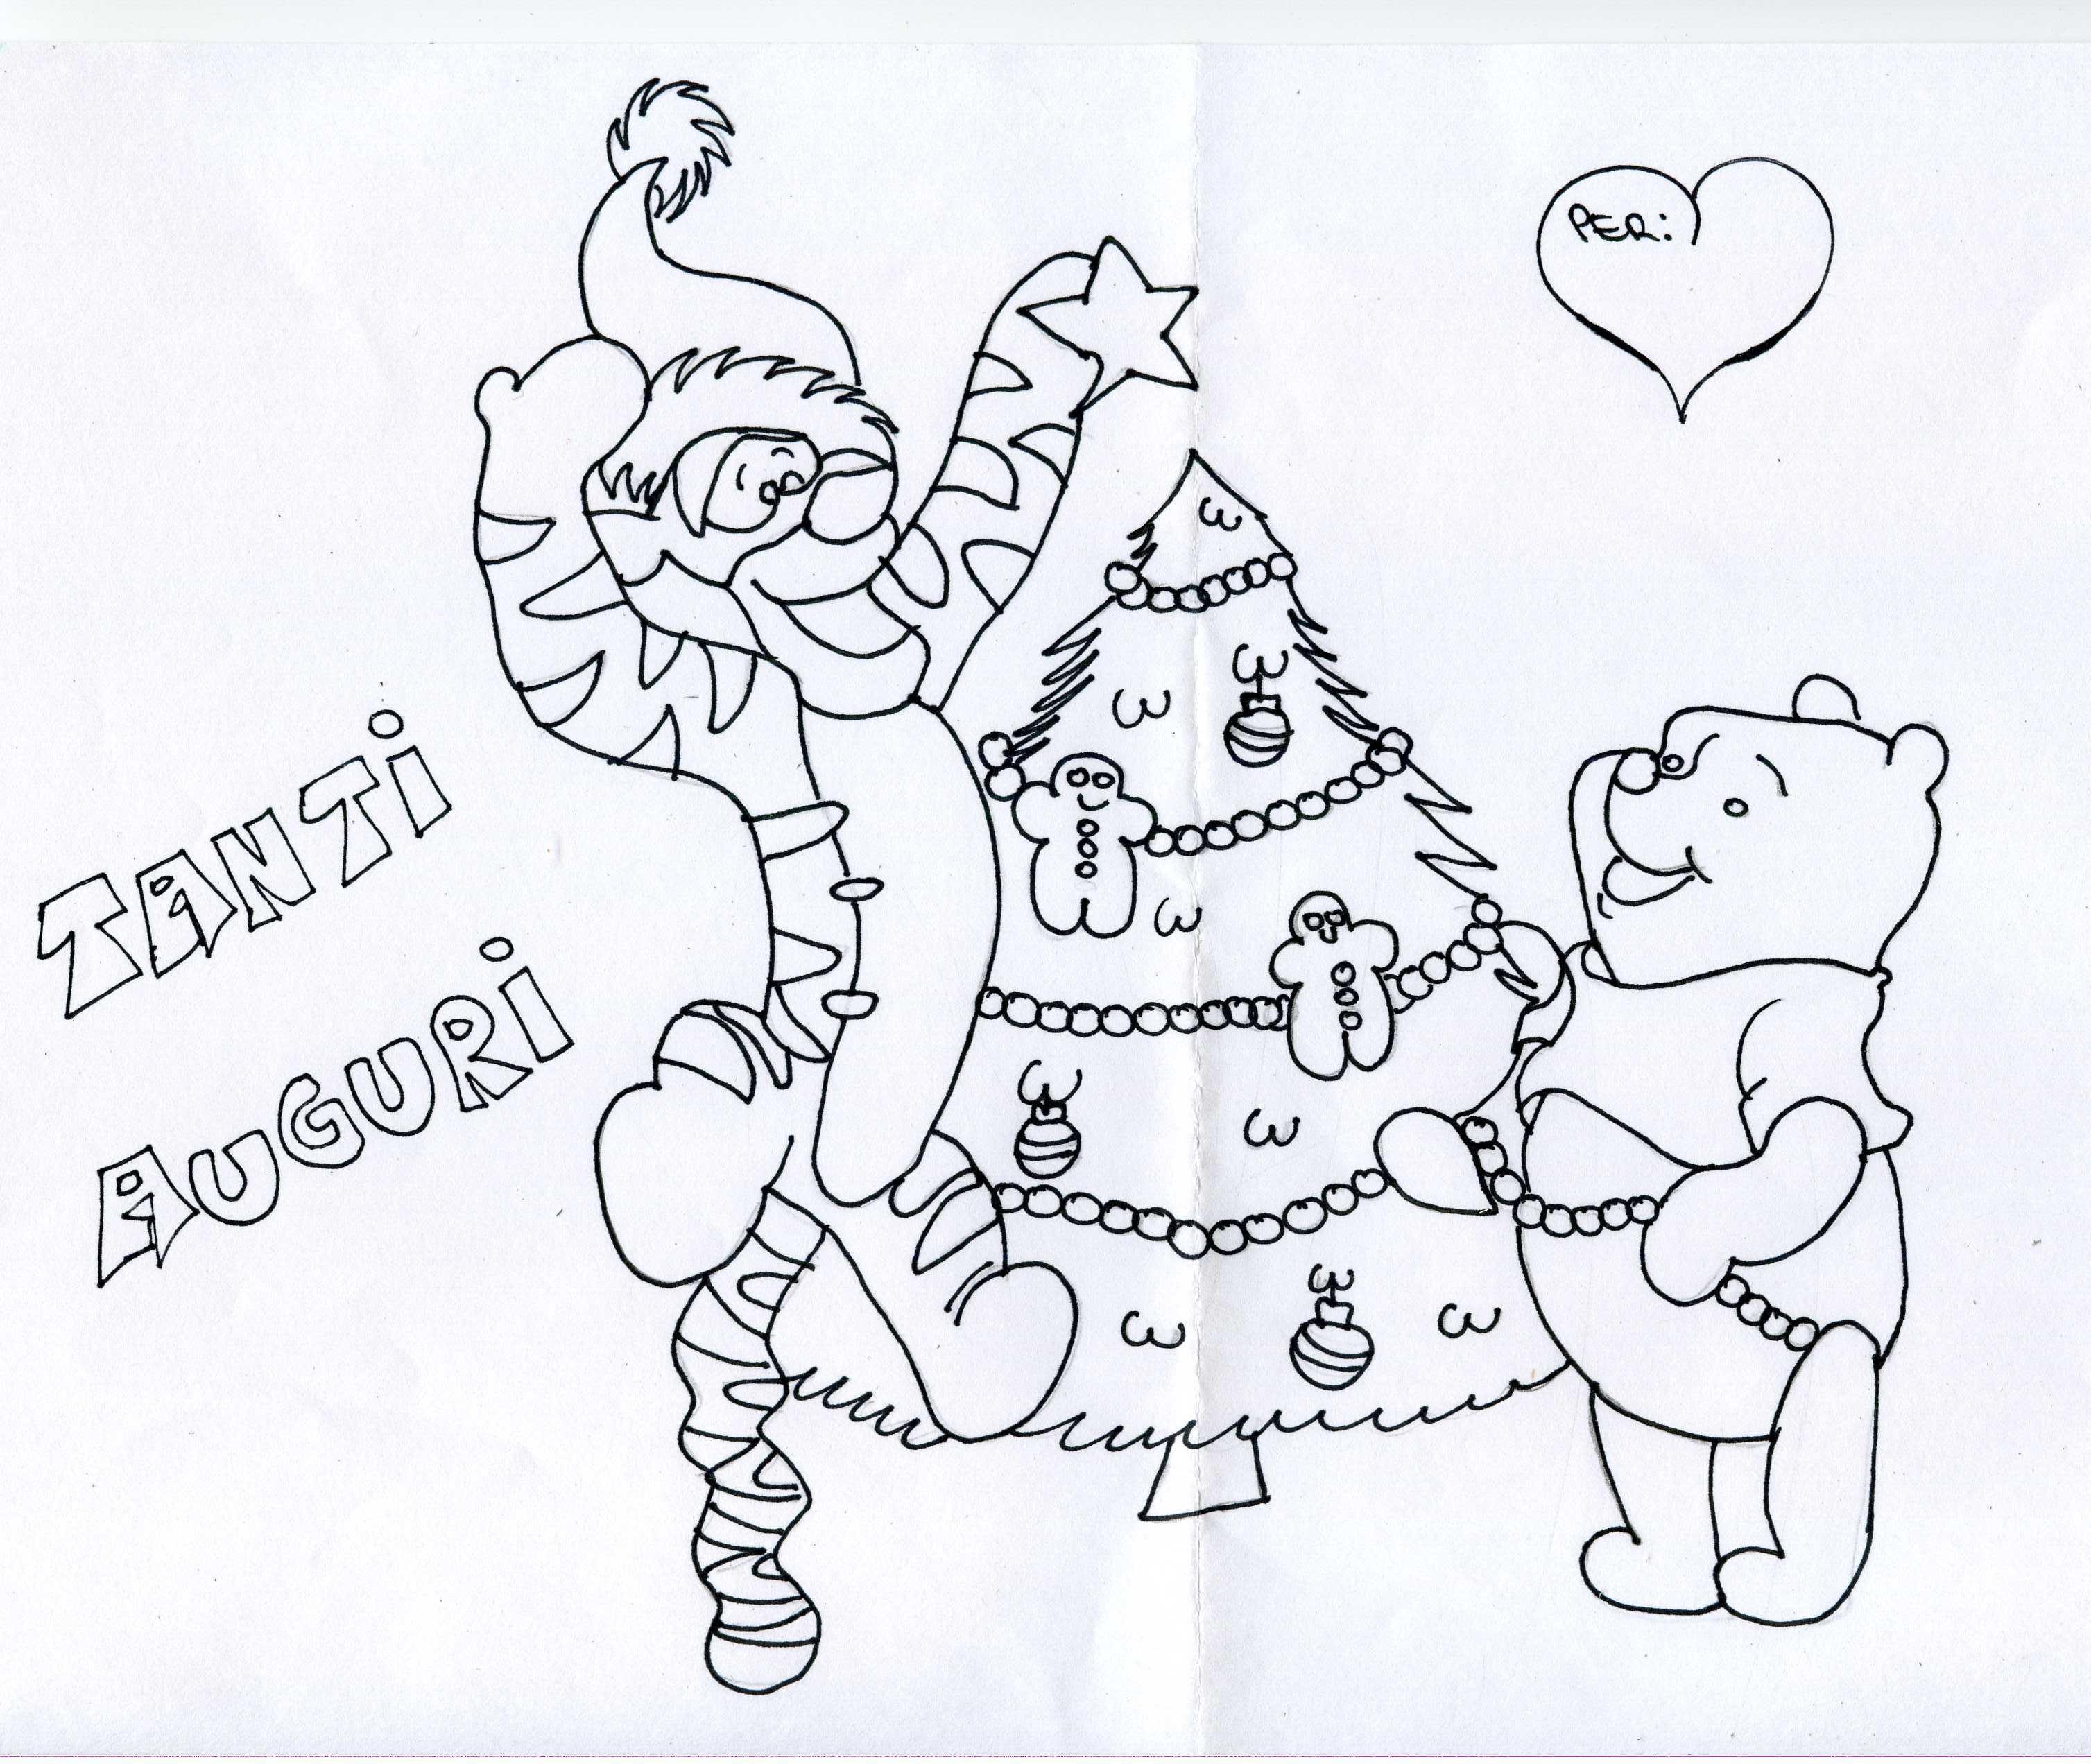 Biglietti Buon Natale Bambini.Immagini Per Bambini Immagini Da Colorare Pravresh Com